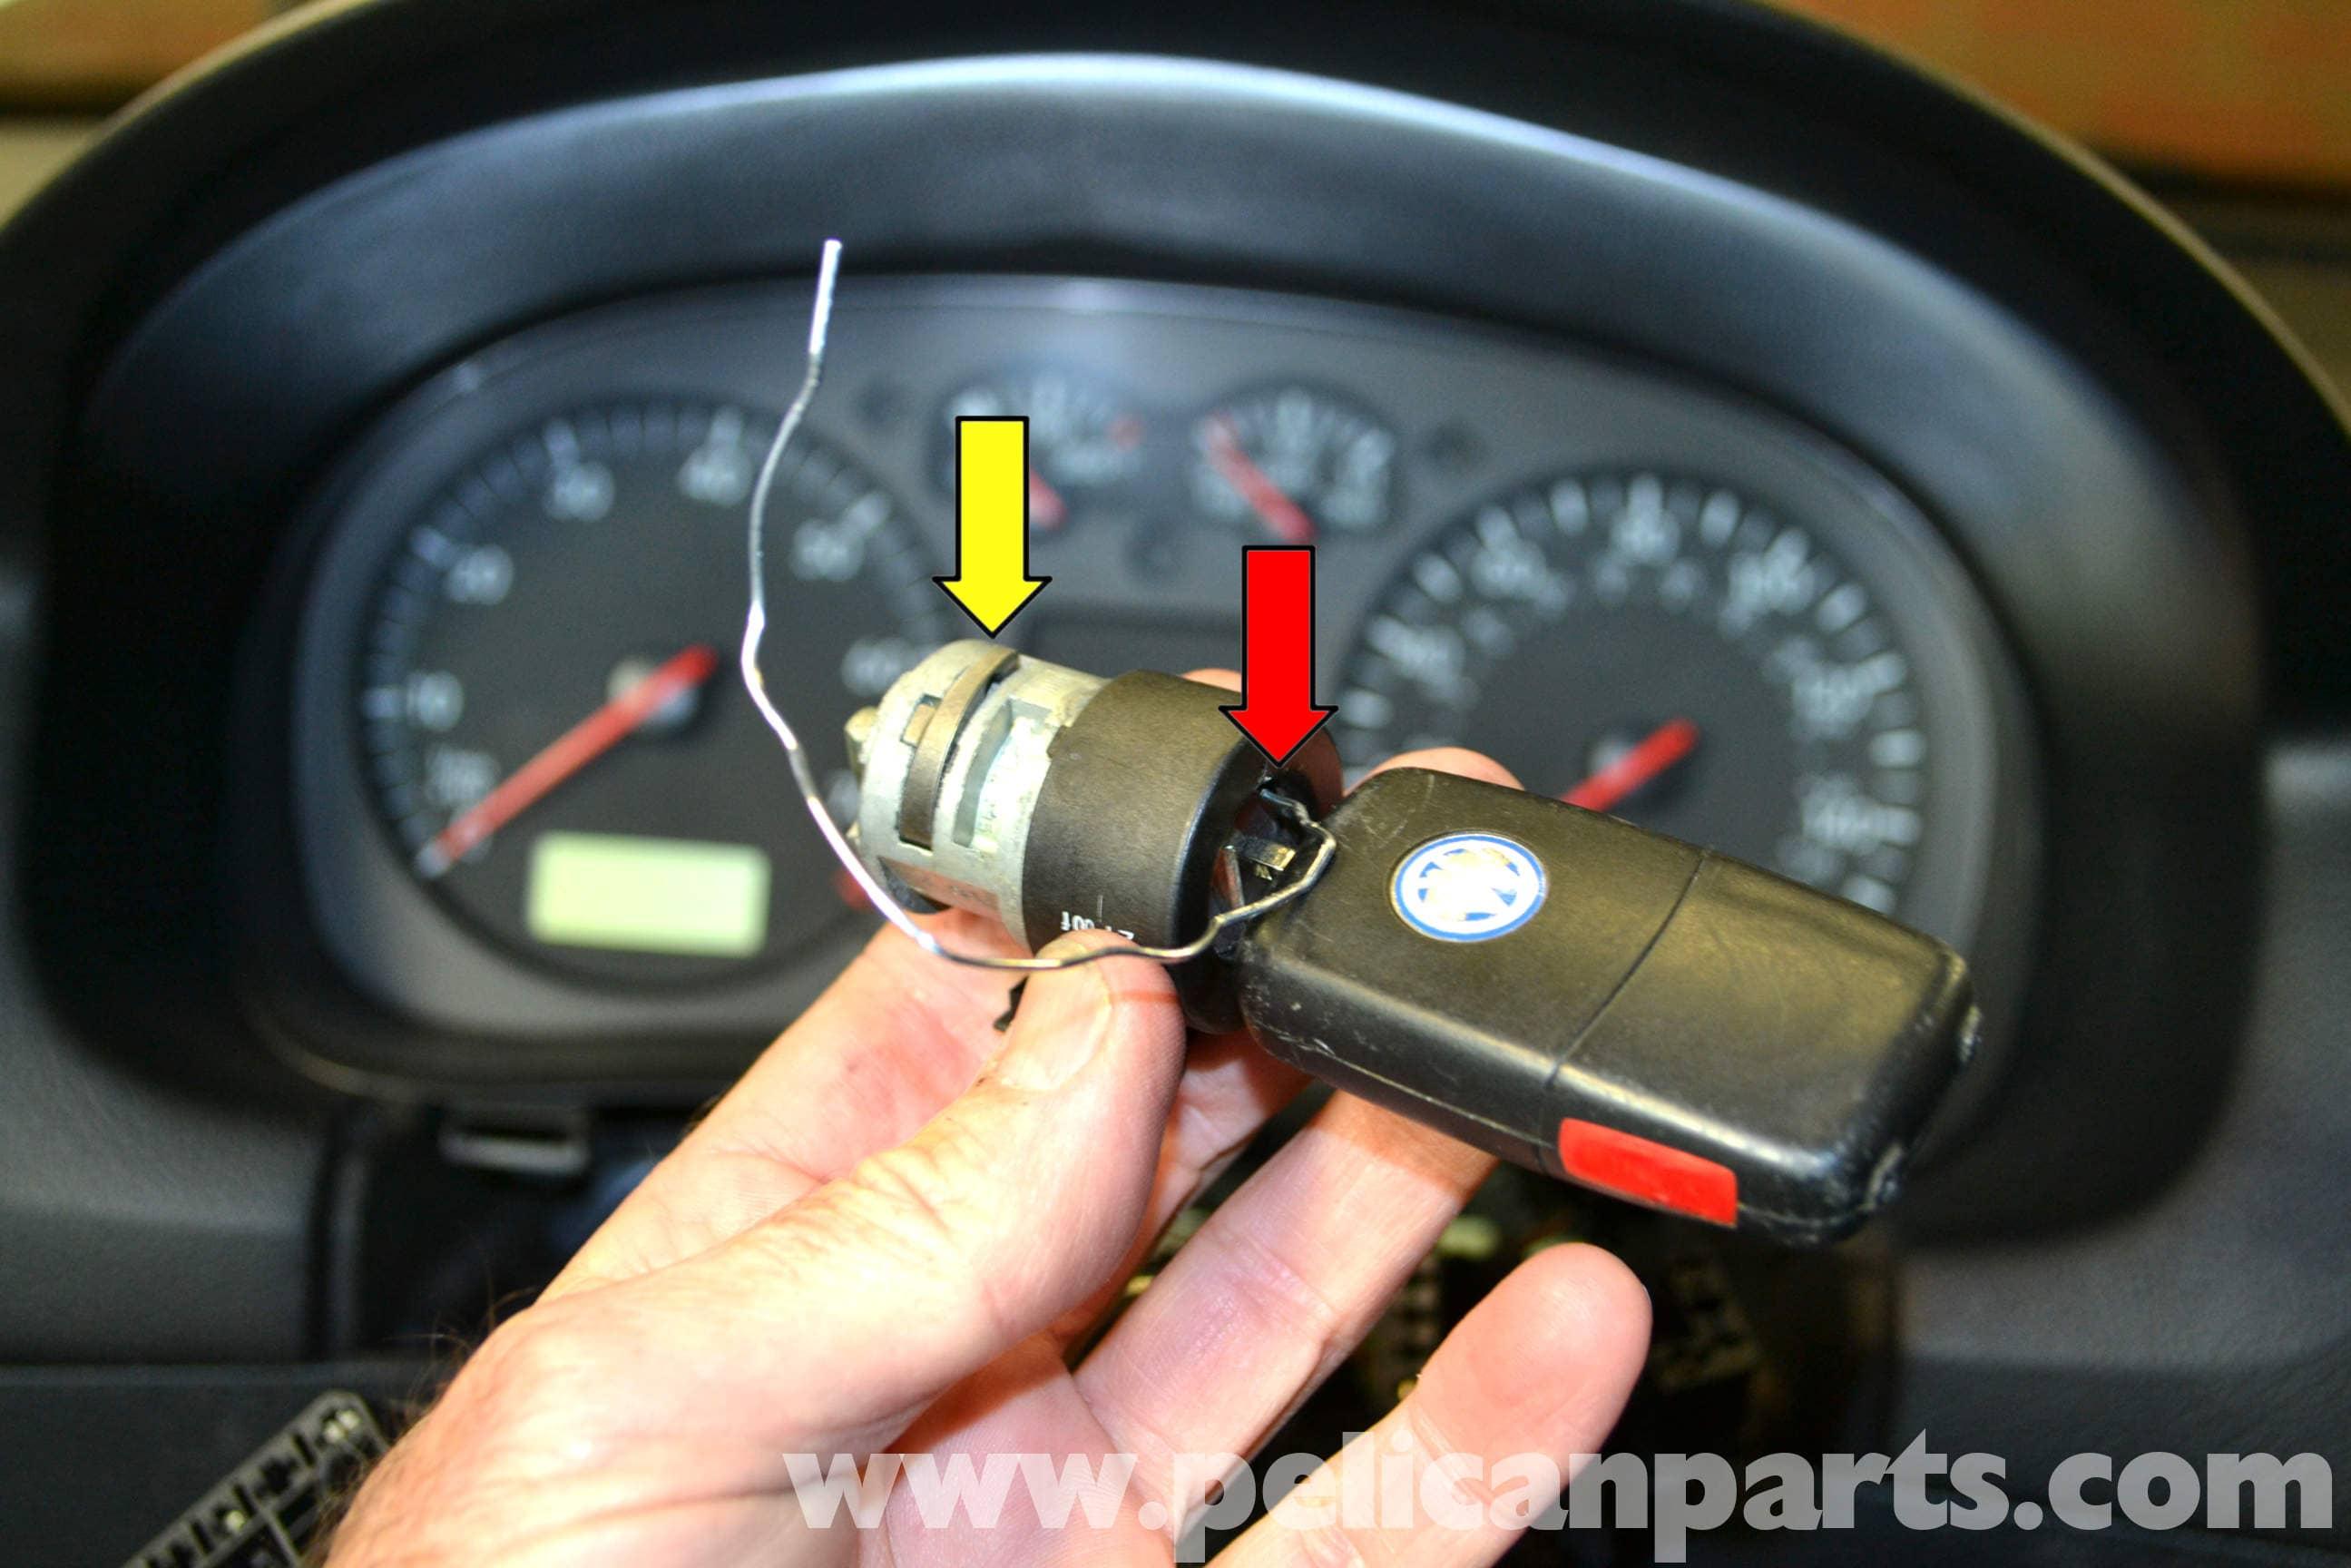 2003 Vw Jetta Wiring Diagram Volkswagen Golf Gti Mk Iv Ignition Switch And Lock